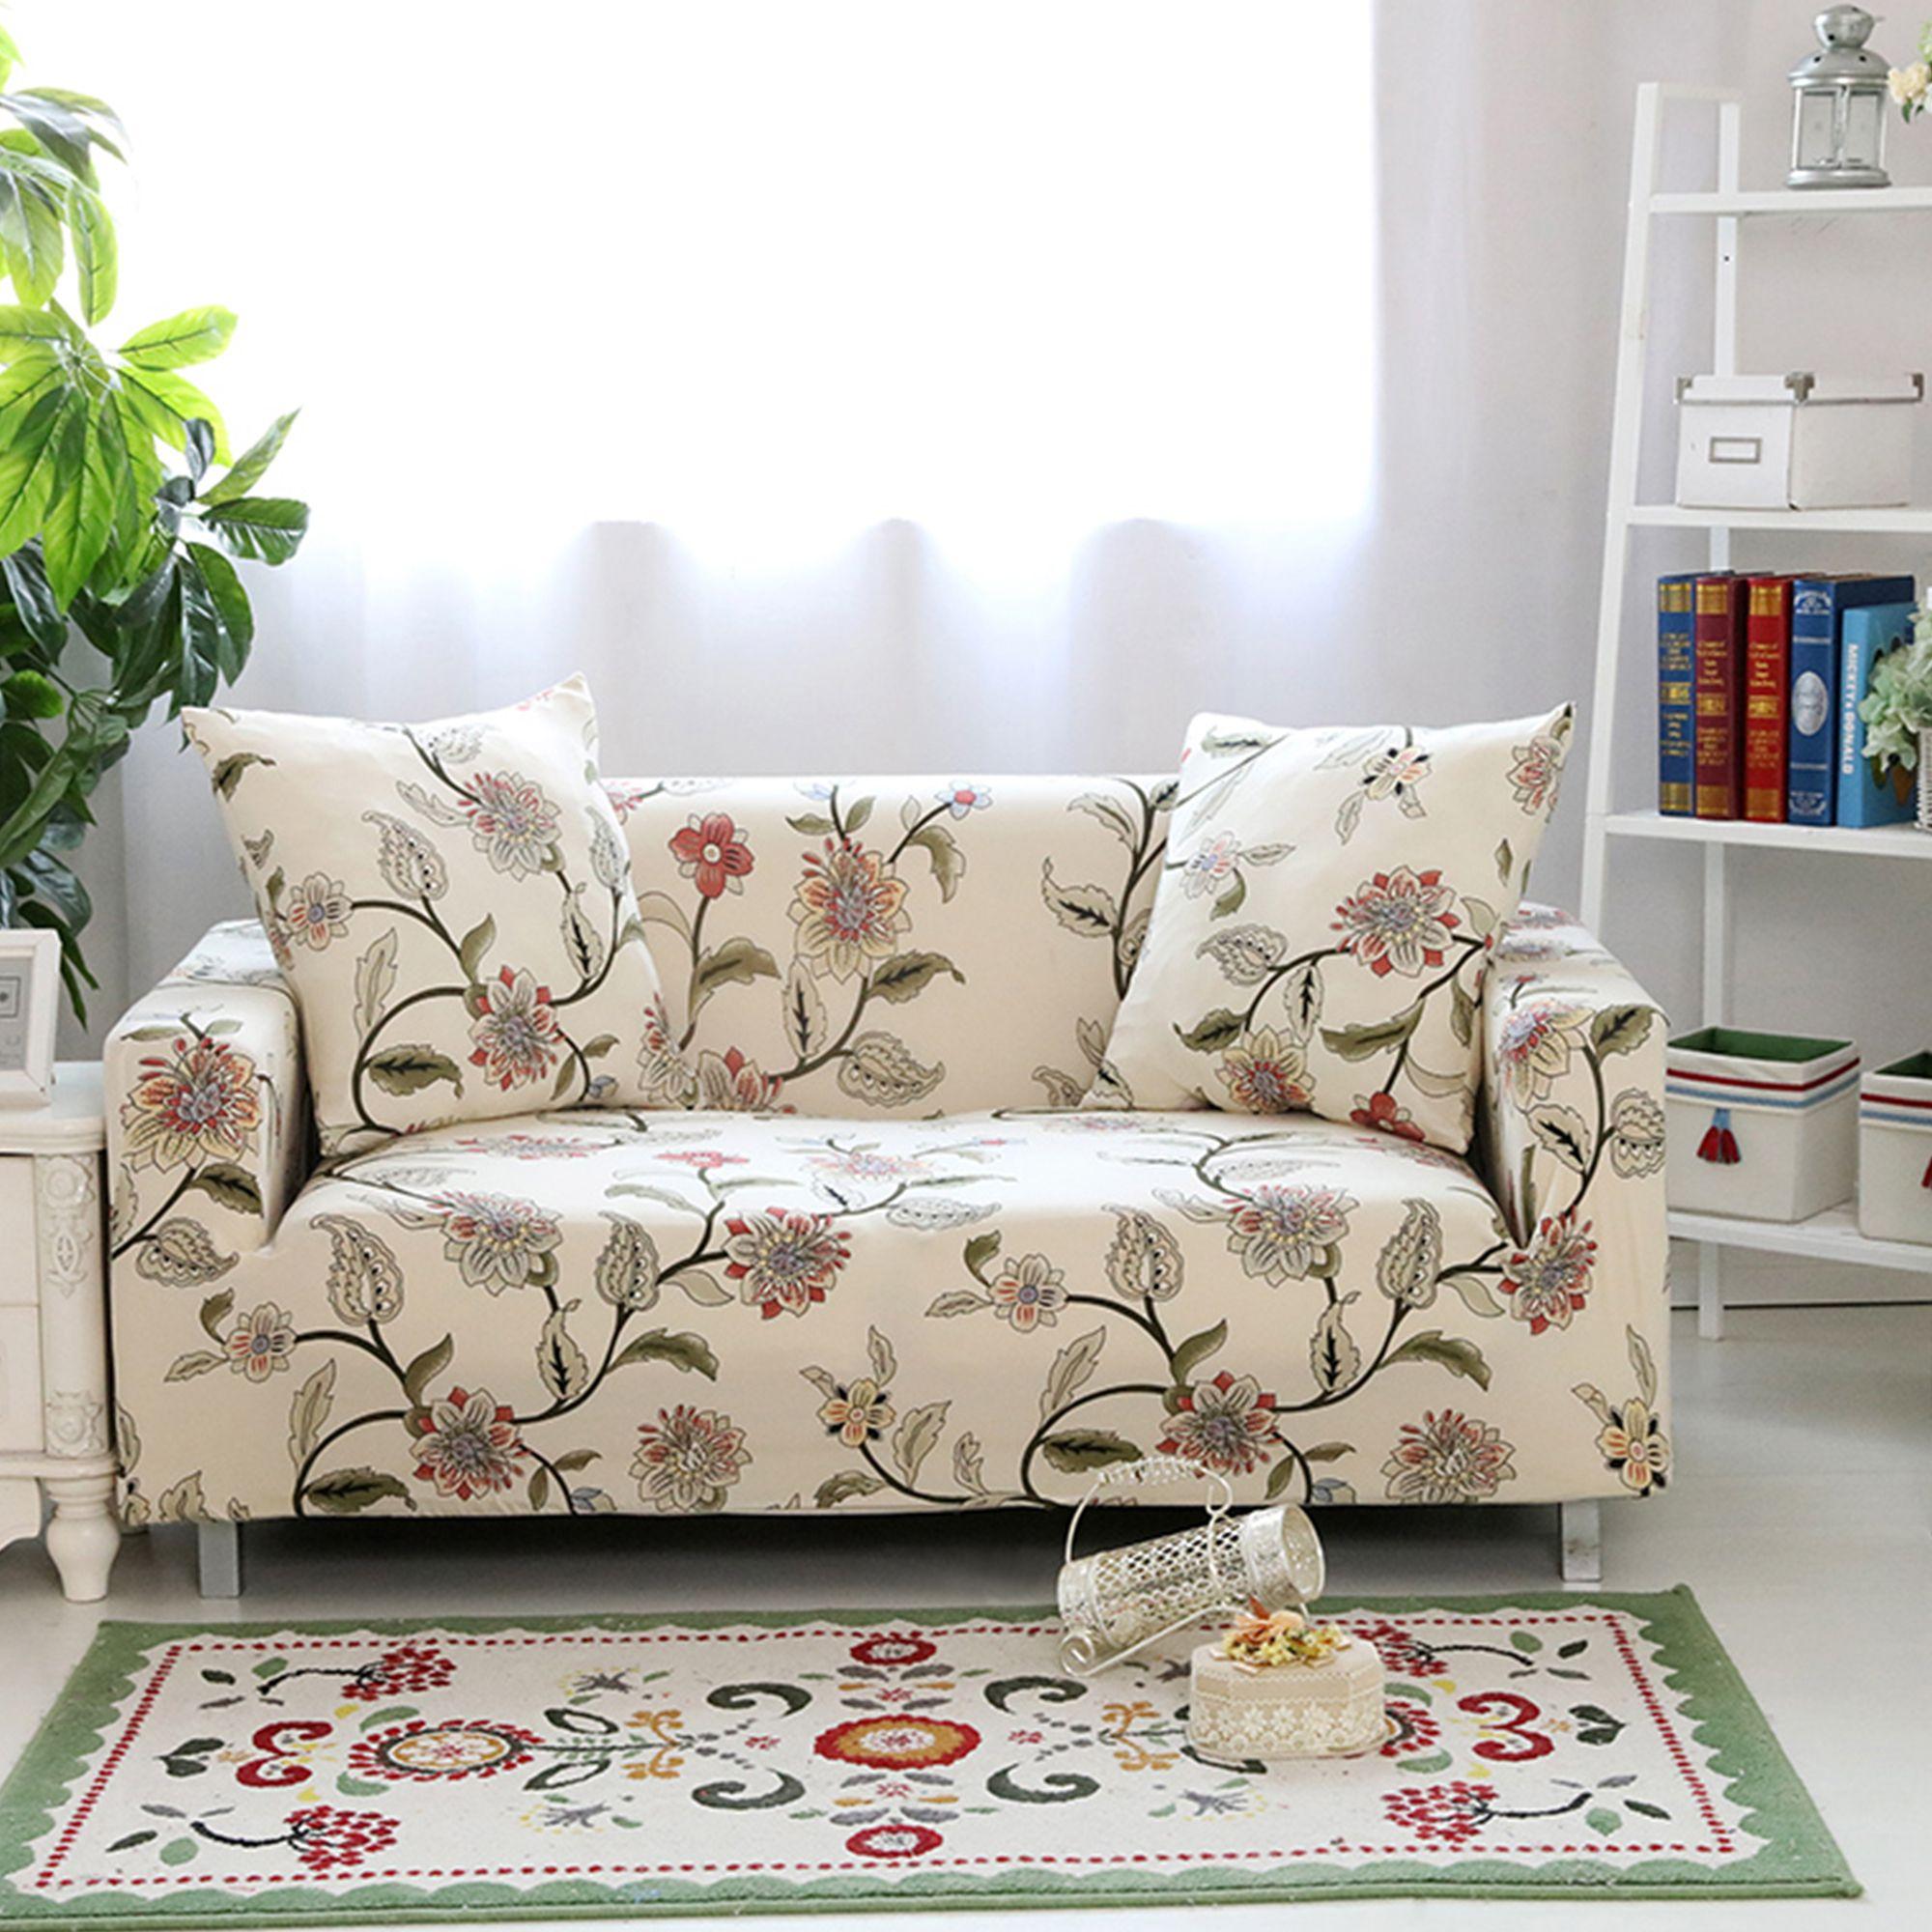 Super Stretch Stylish Box Cushion Sofa Slipcover In 2021 Couch Covers Sofa Covers Slip Covers Couch